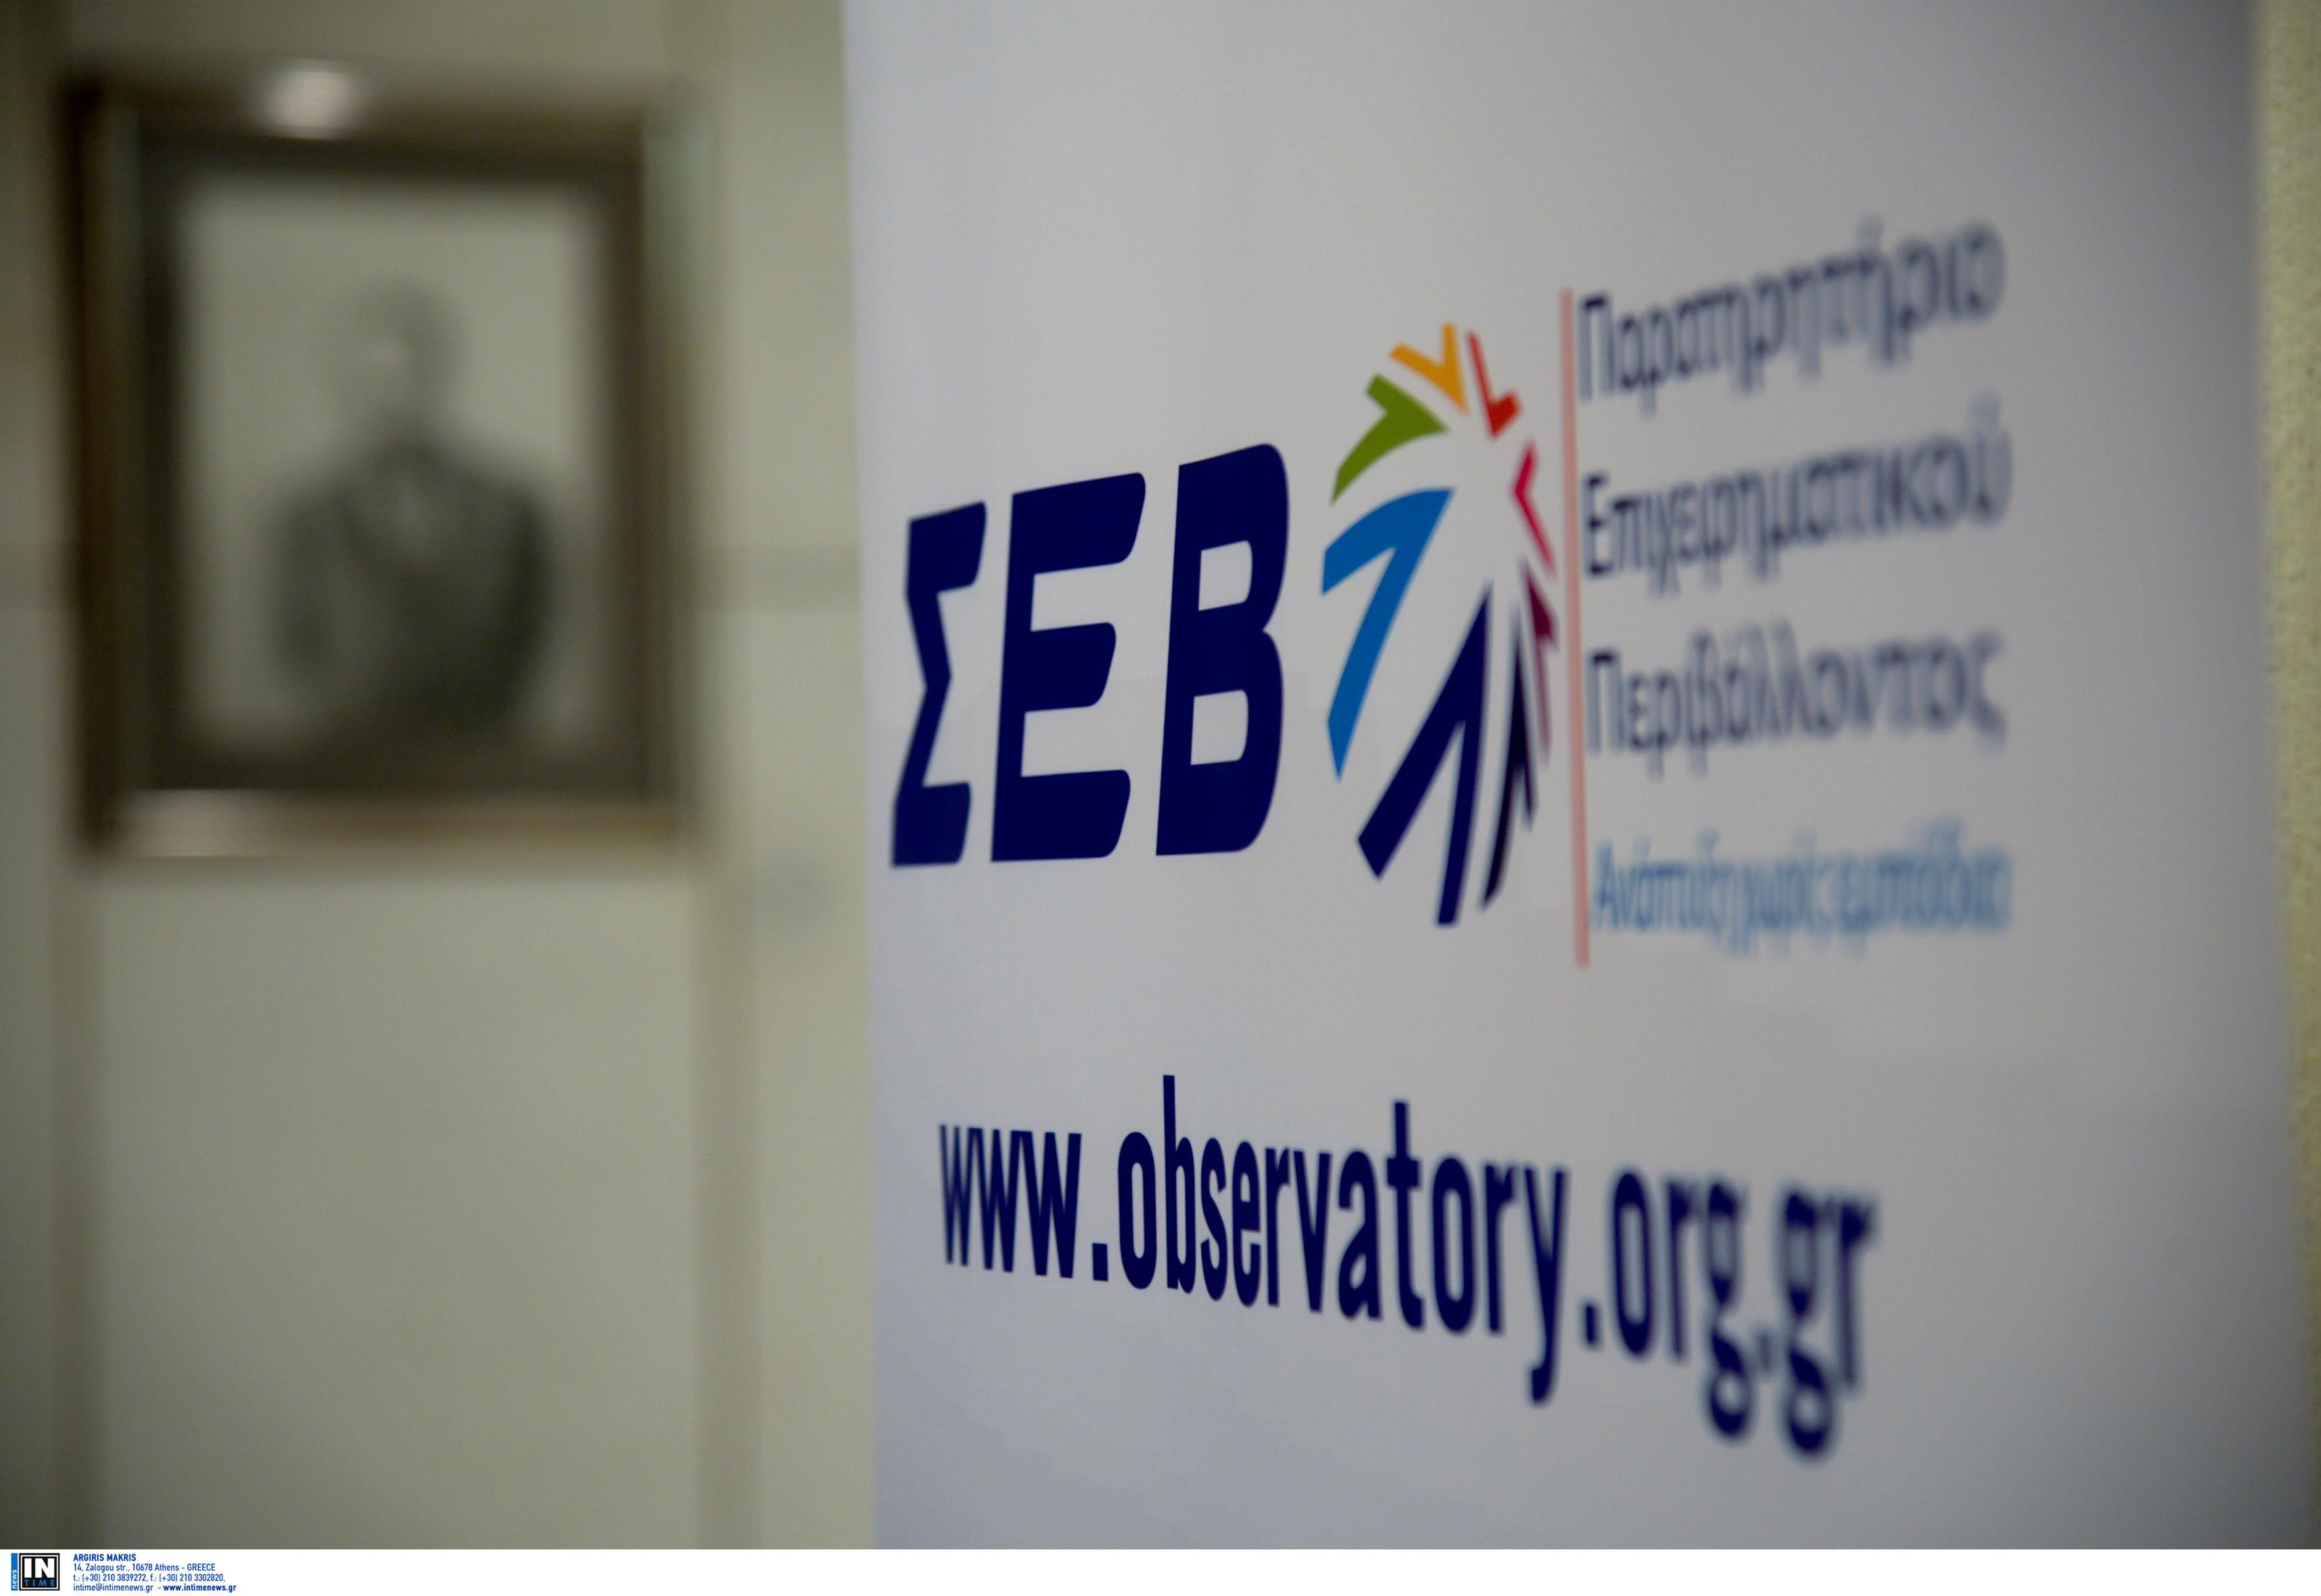 ΣΕΒ: Με αργούς ρυθμούς βελτιώνεται η ευκολία του επιχειρείν στην Ελλάδα